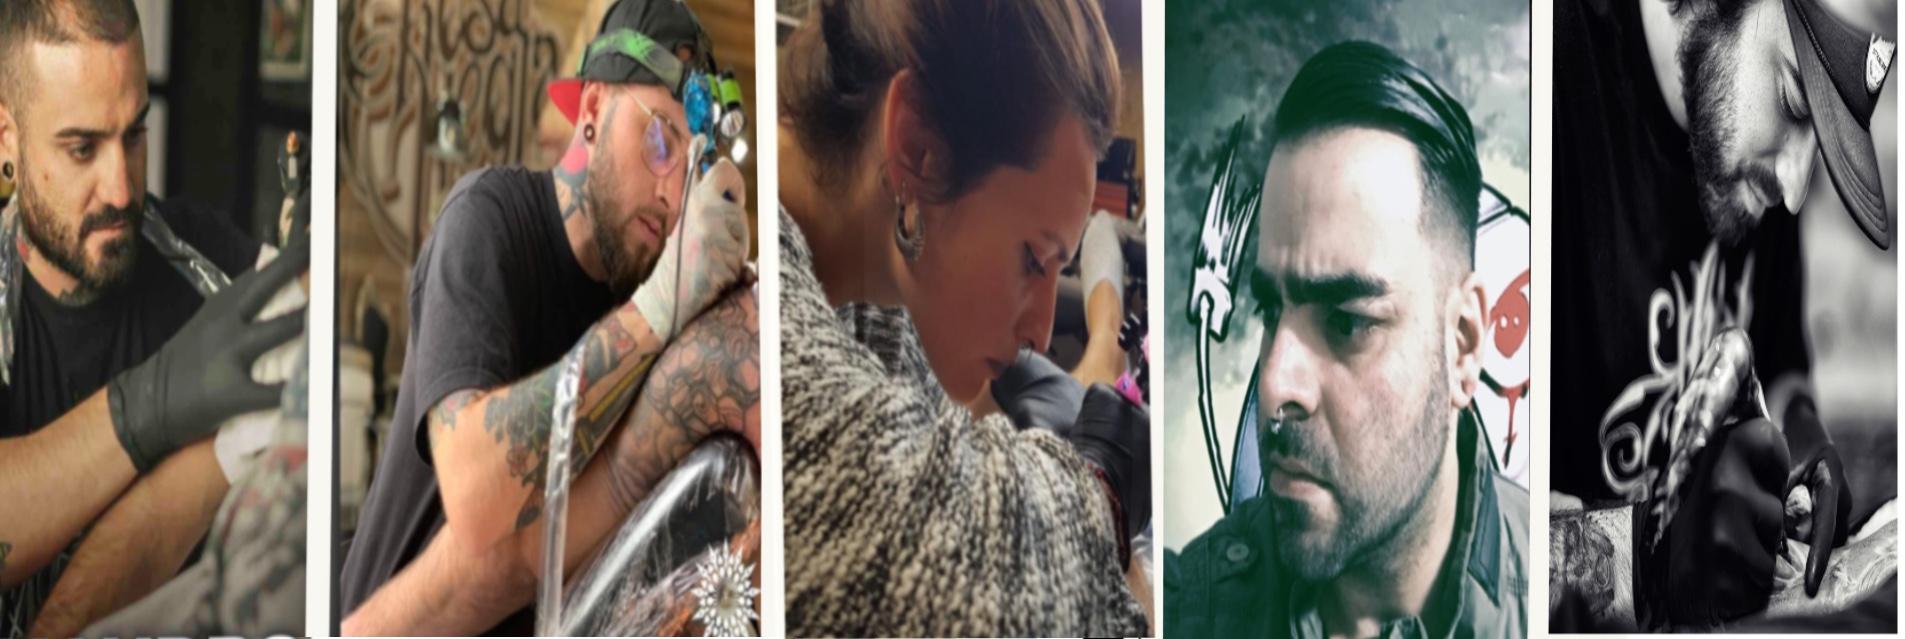 Tatuadores gas tattoo